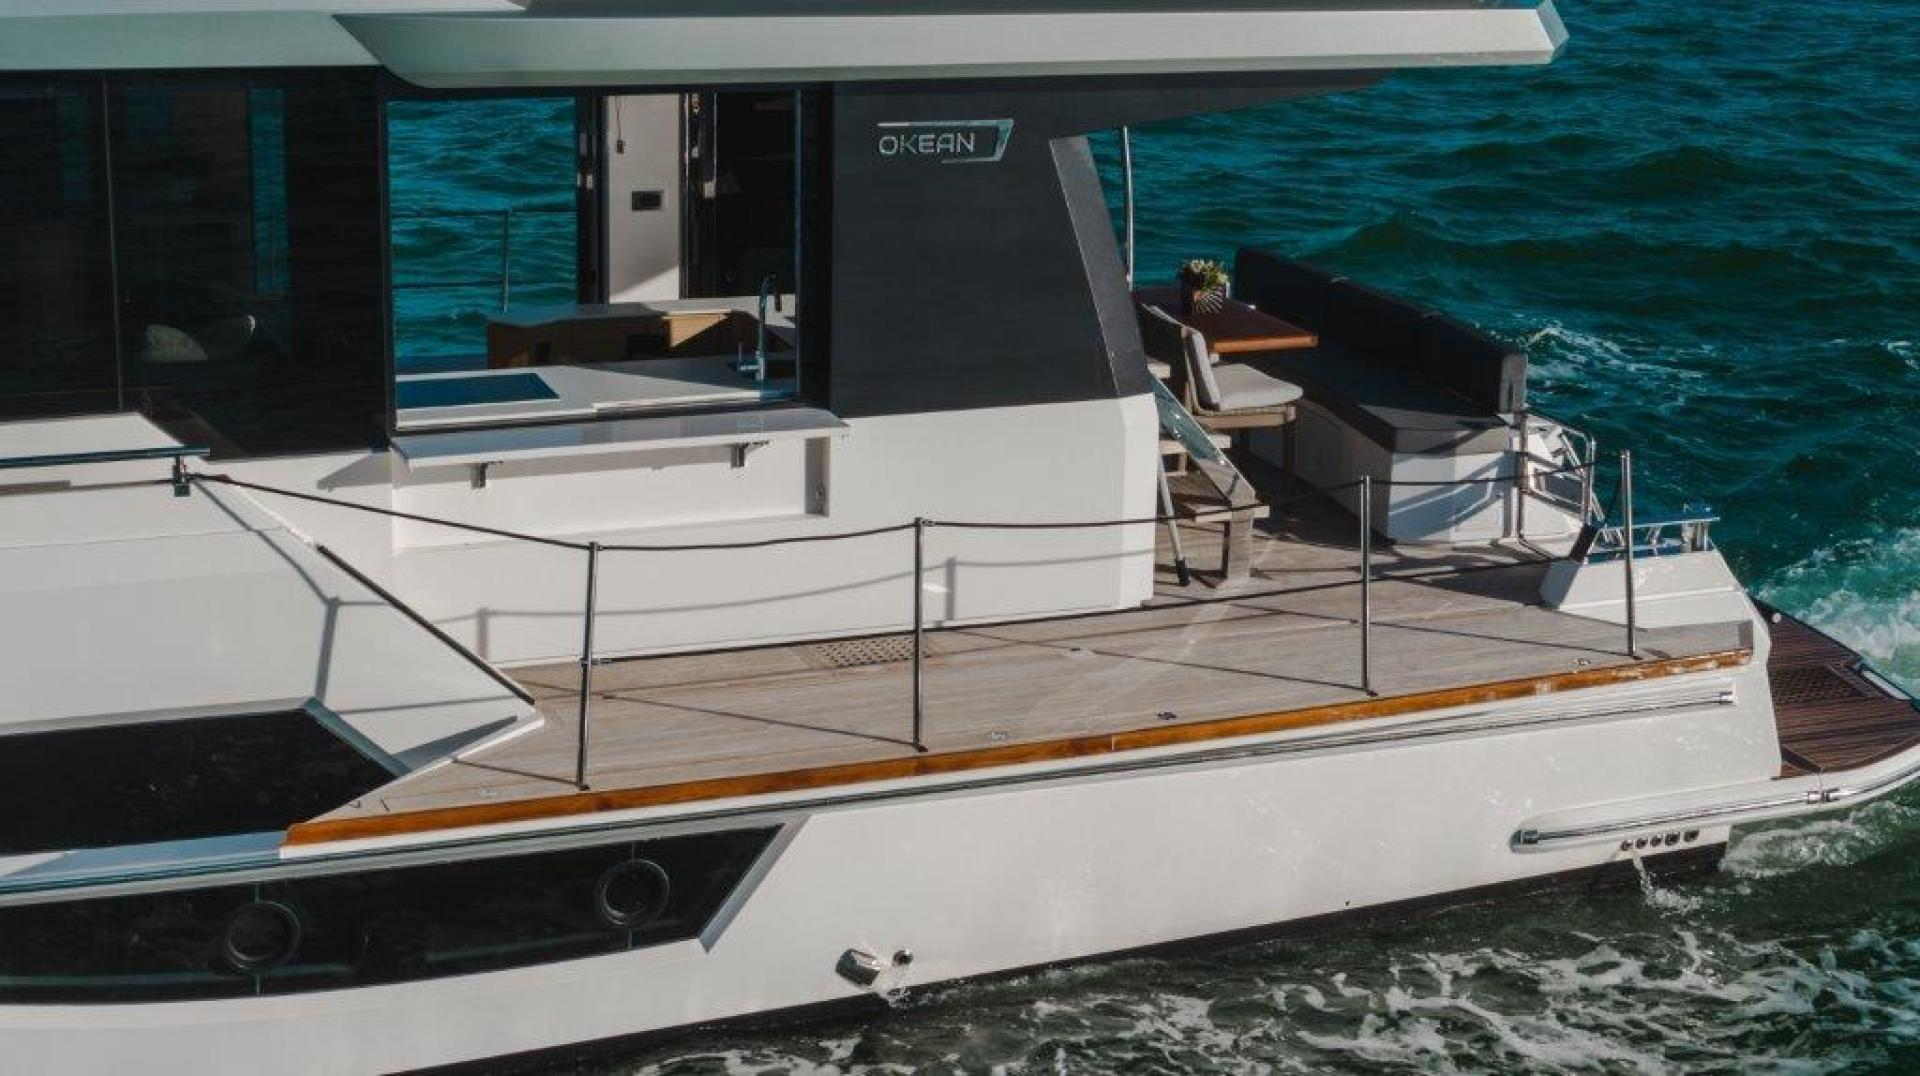 Okean-Flybridge 2019-VEDGE Miami-Florida-United States-VEDGE-1600210 | Thumbnail